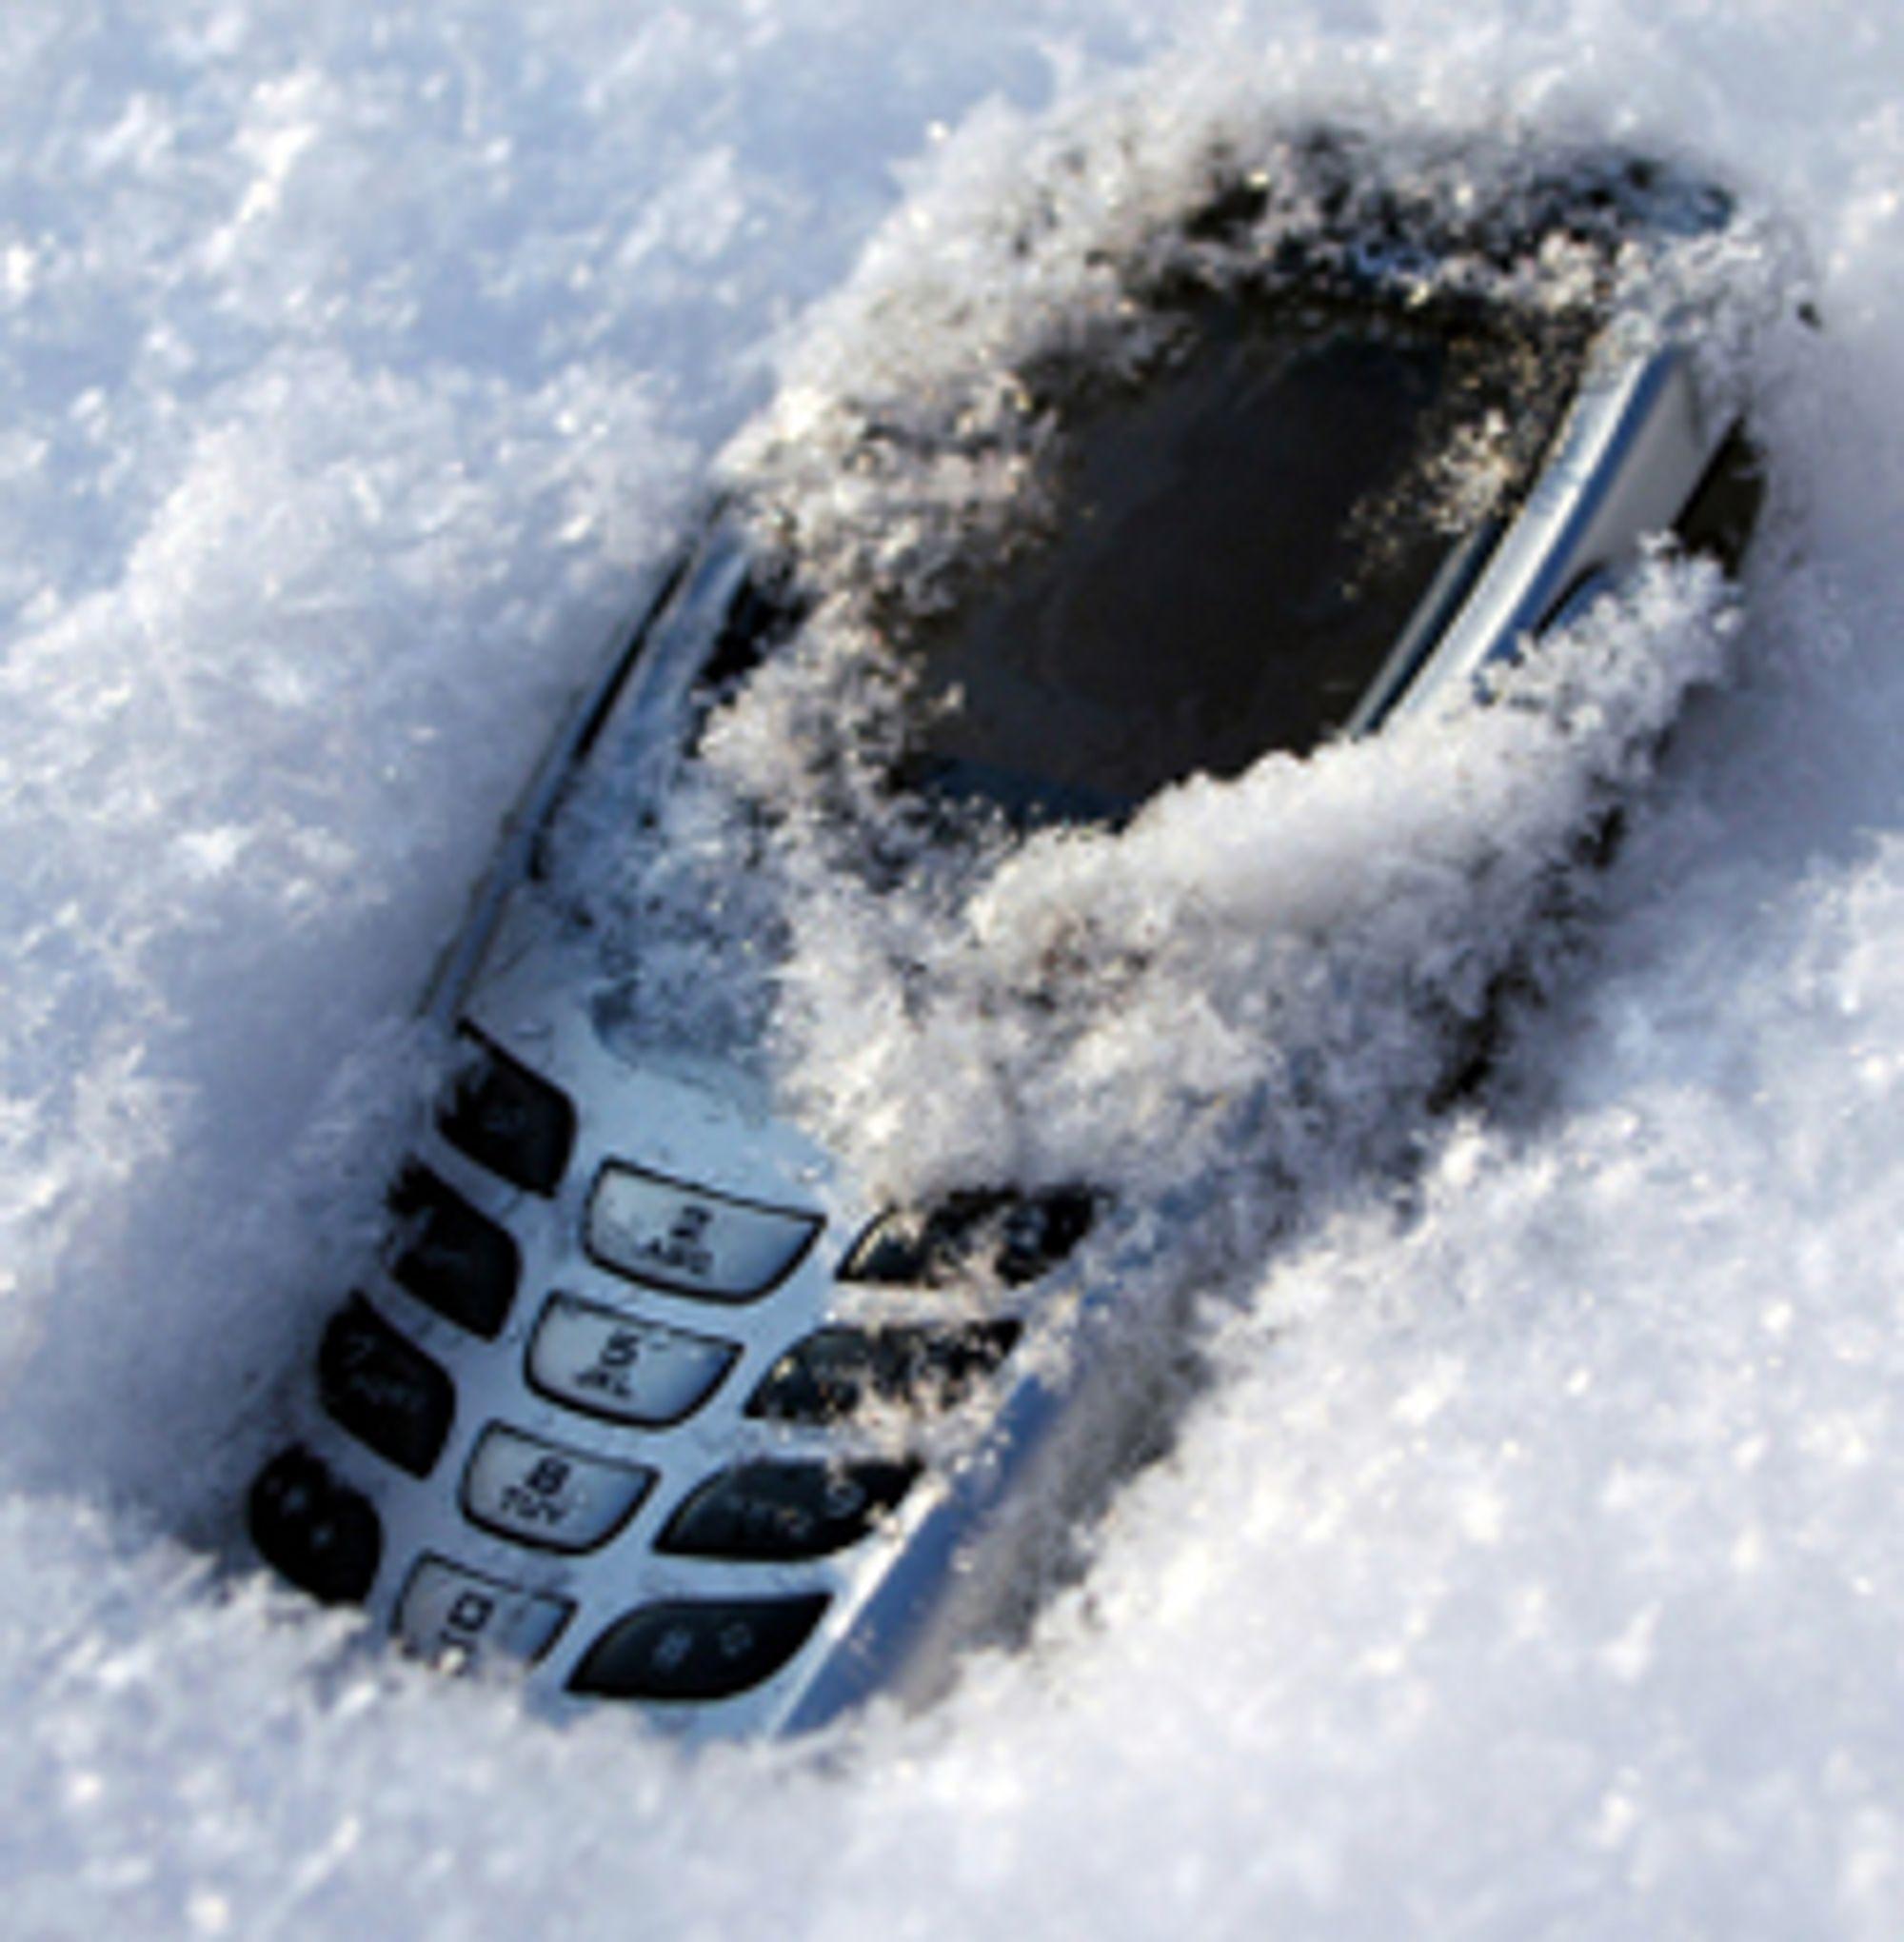 Ikke alle telefoner liker fuktighet. (Foto: Istockphoto)